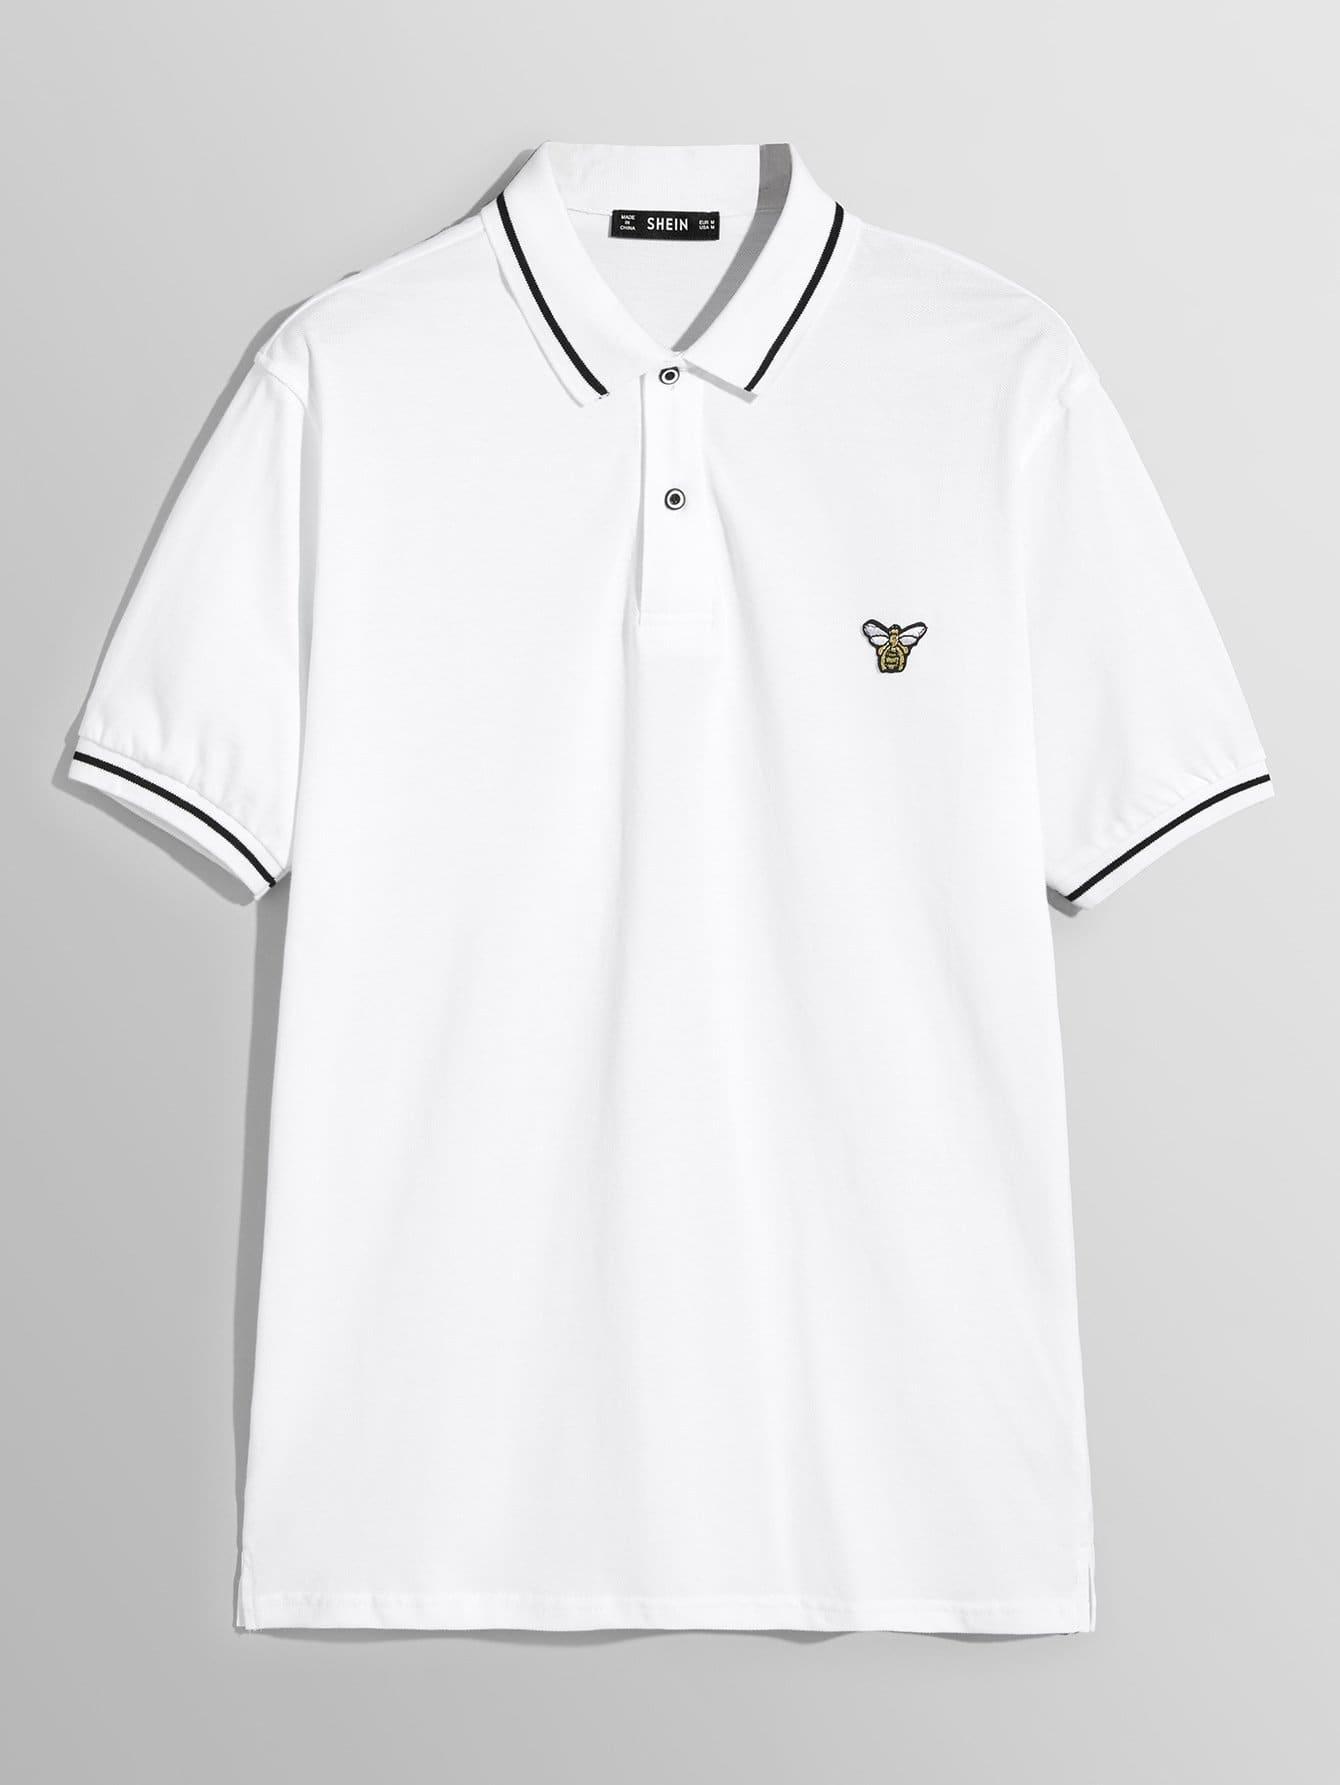 Купить Для мужчин футболка с полоской отделкой, null, SheIn